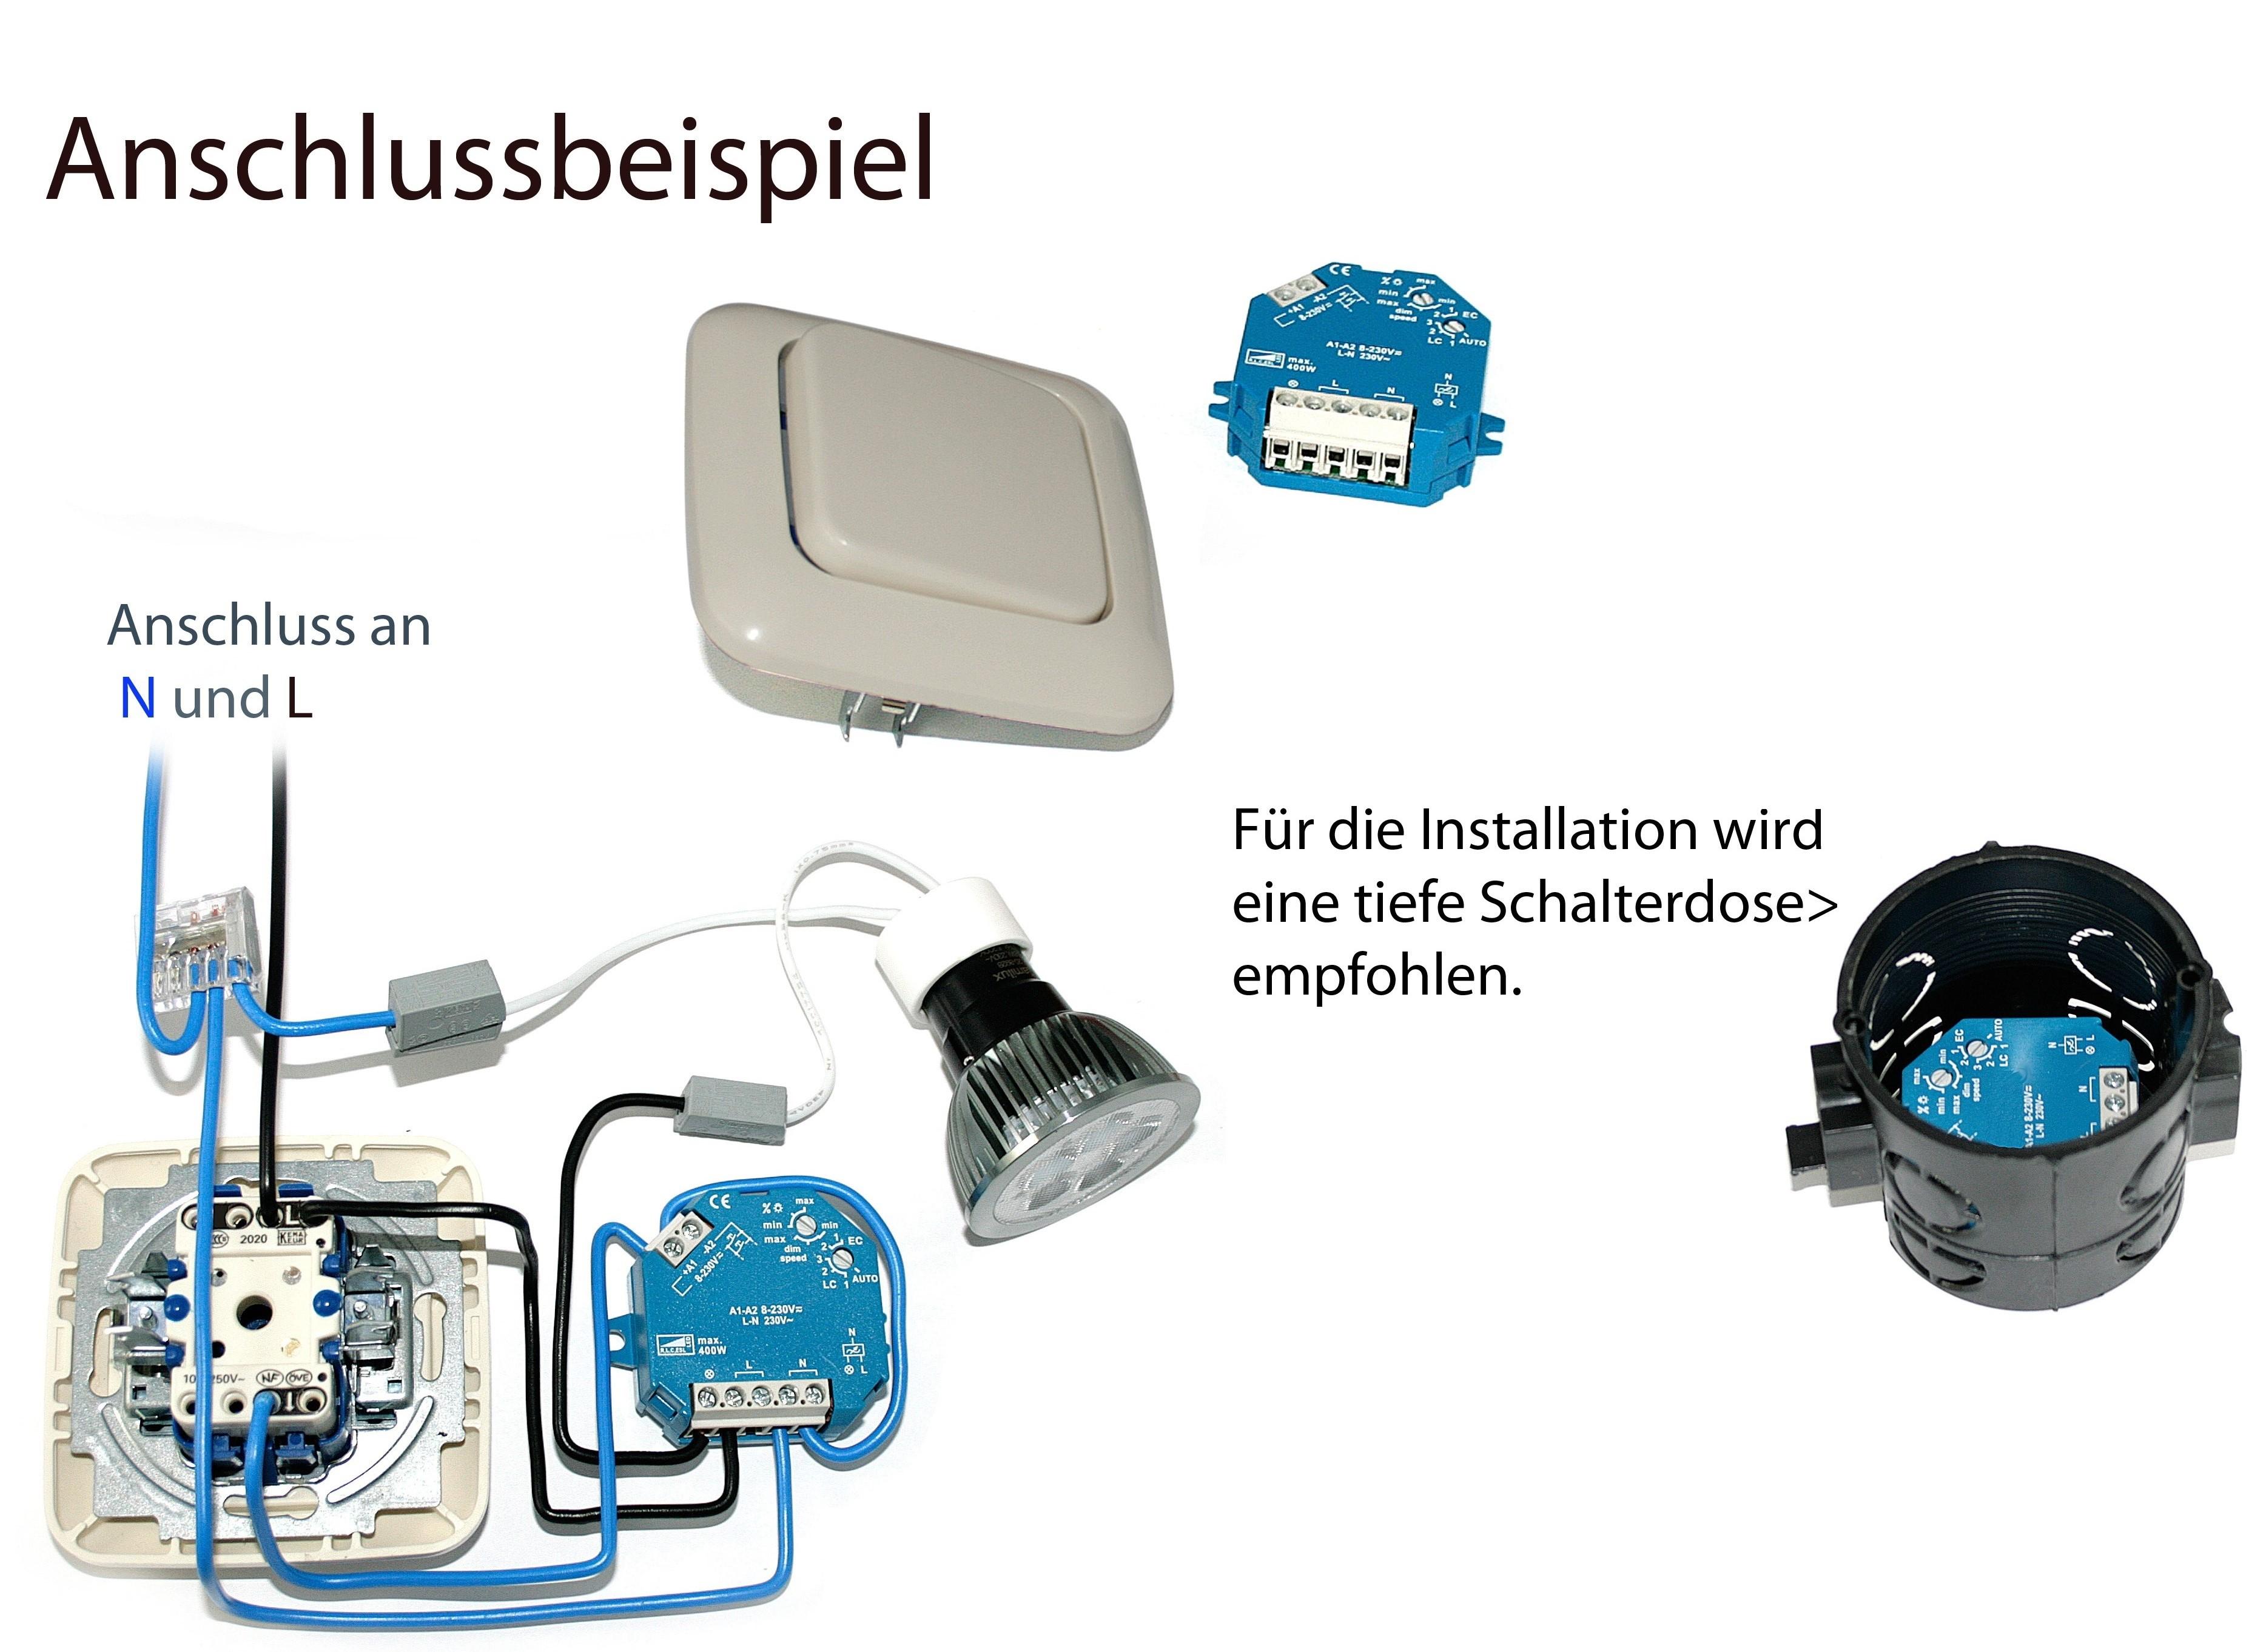 100W-LED-Dimmer-Datenblatt